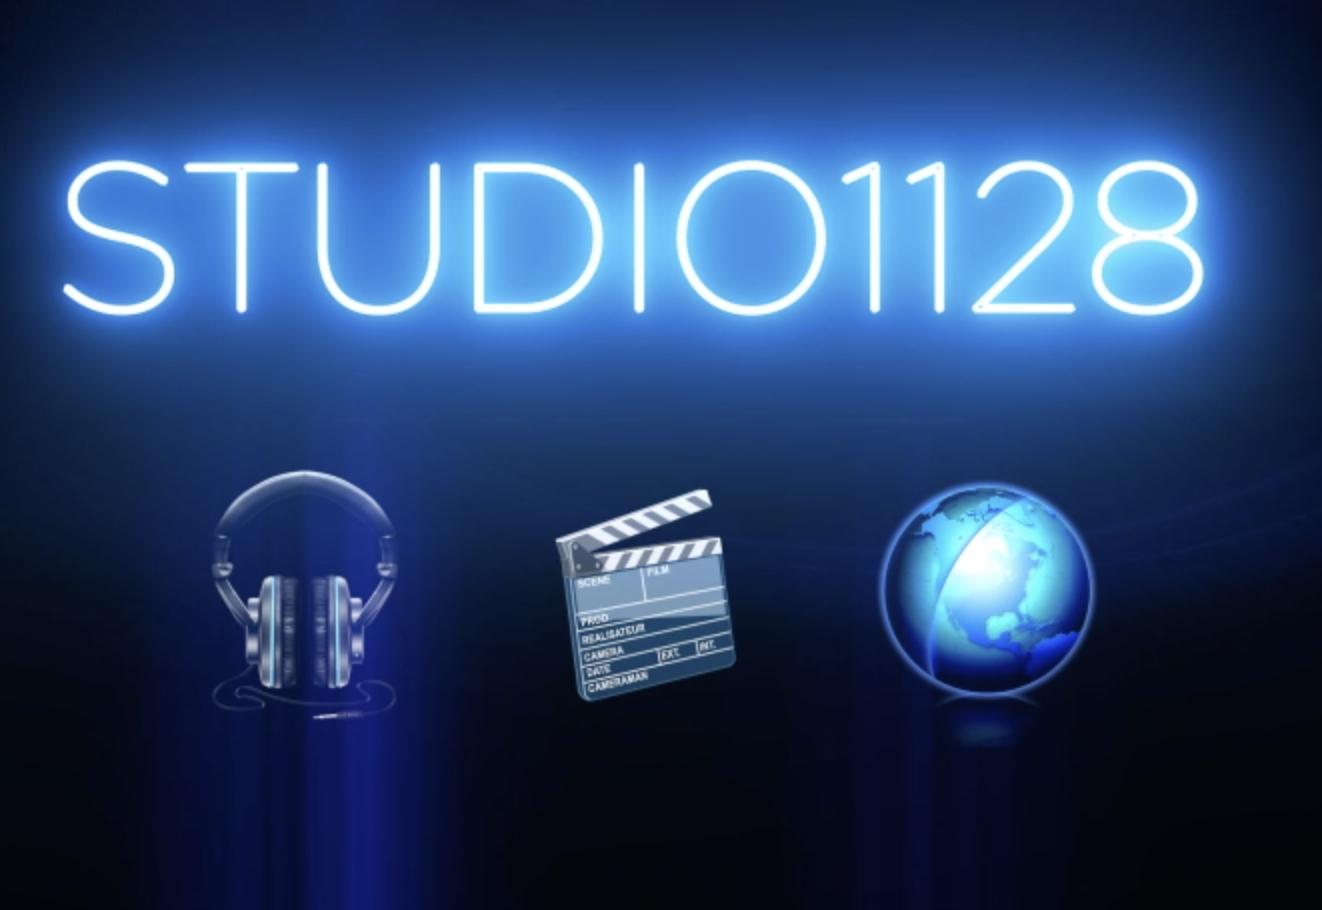 Studio1128